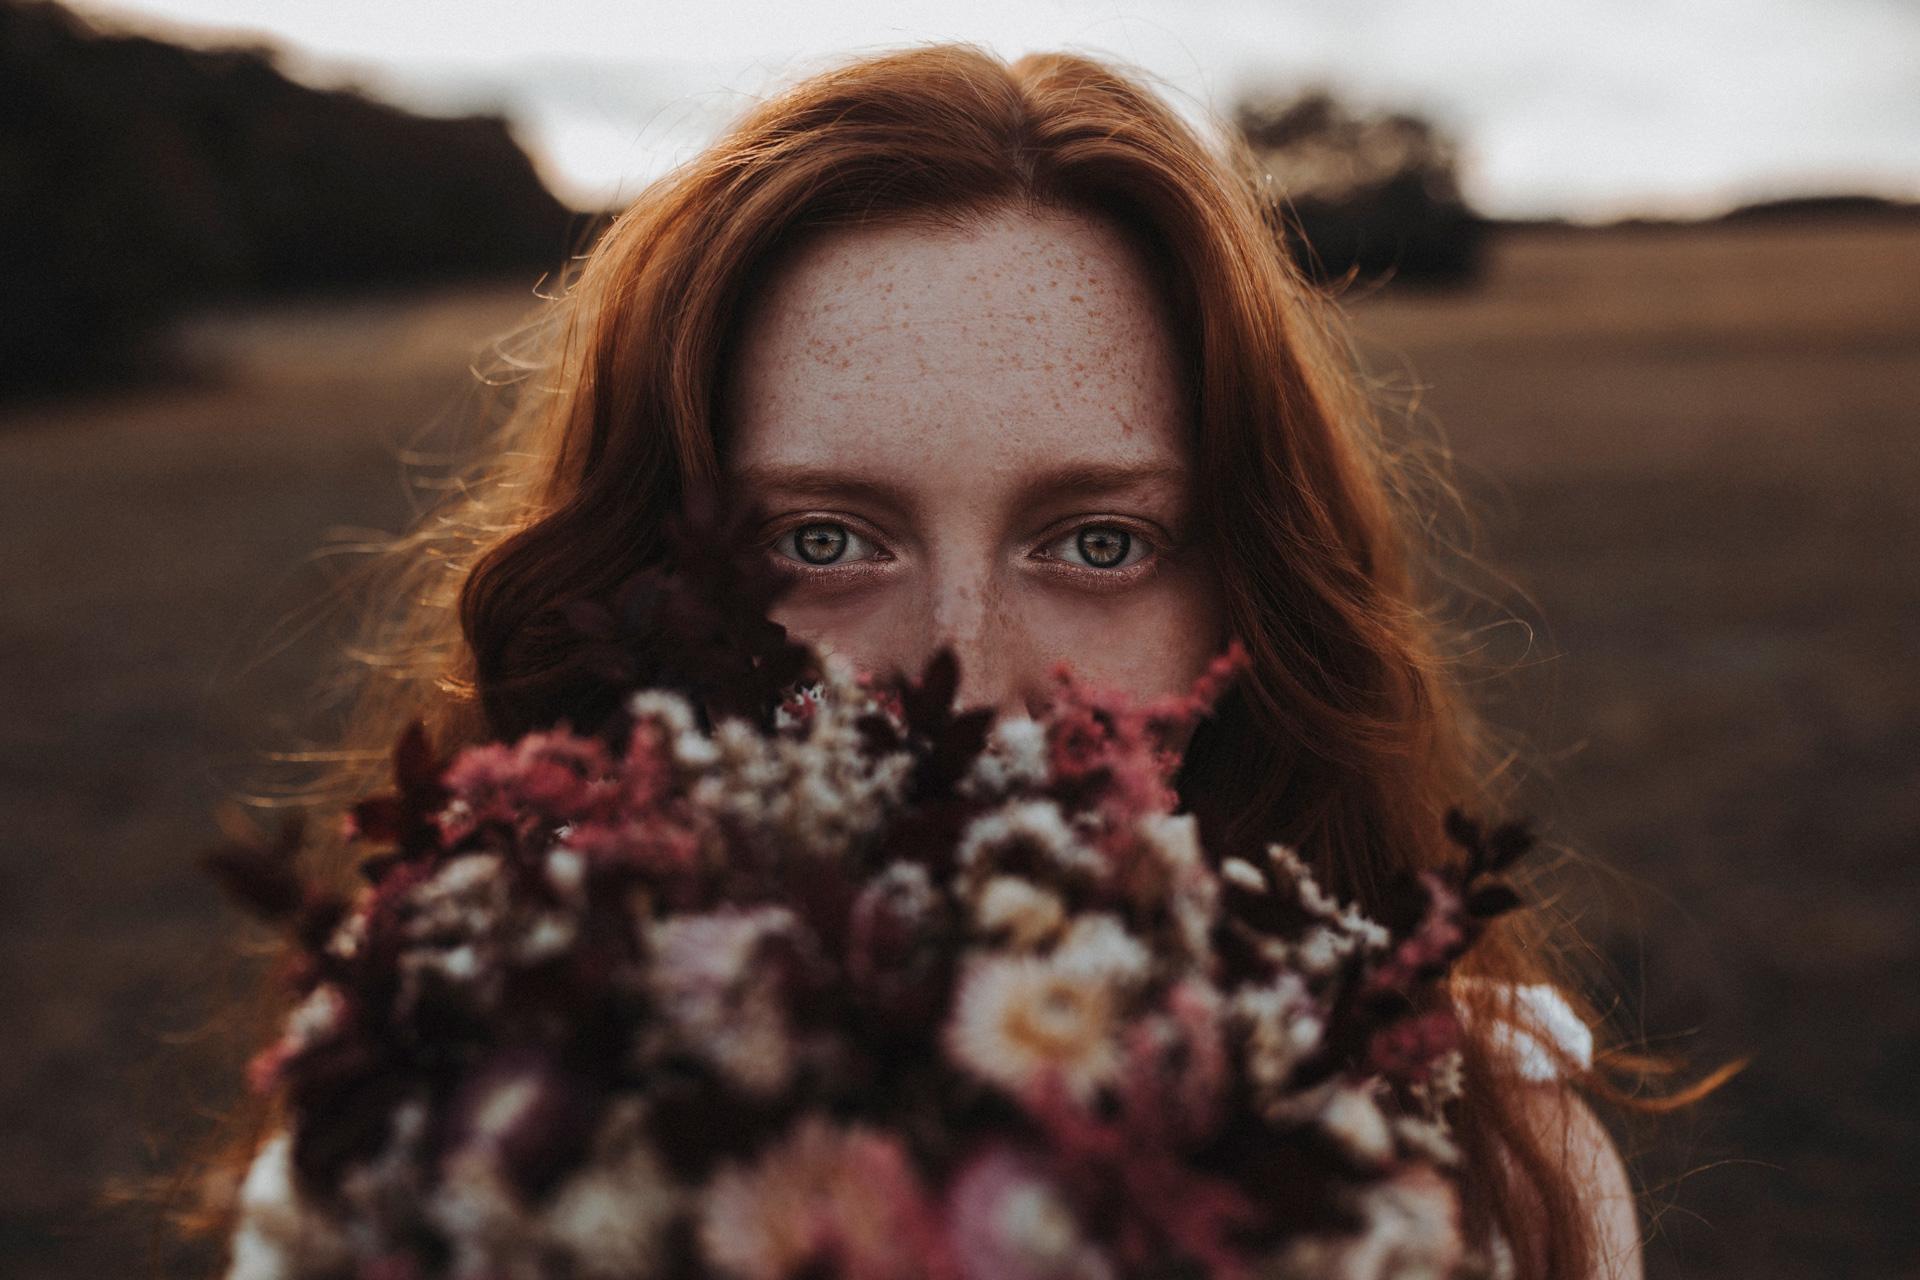 Rothaarige junge Frau mit Blumenstrauß. Fokus auf Augen